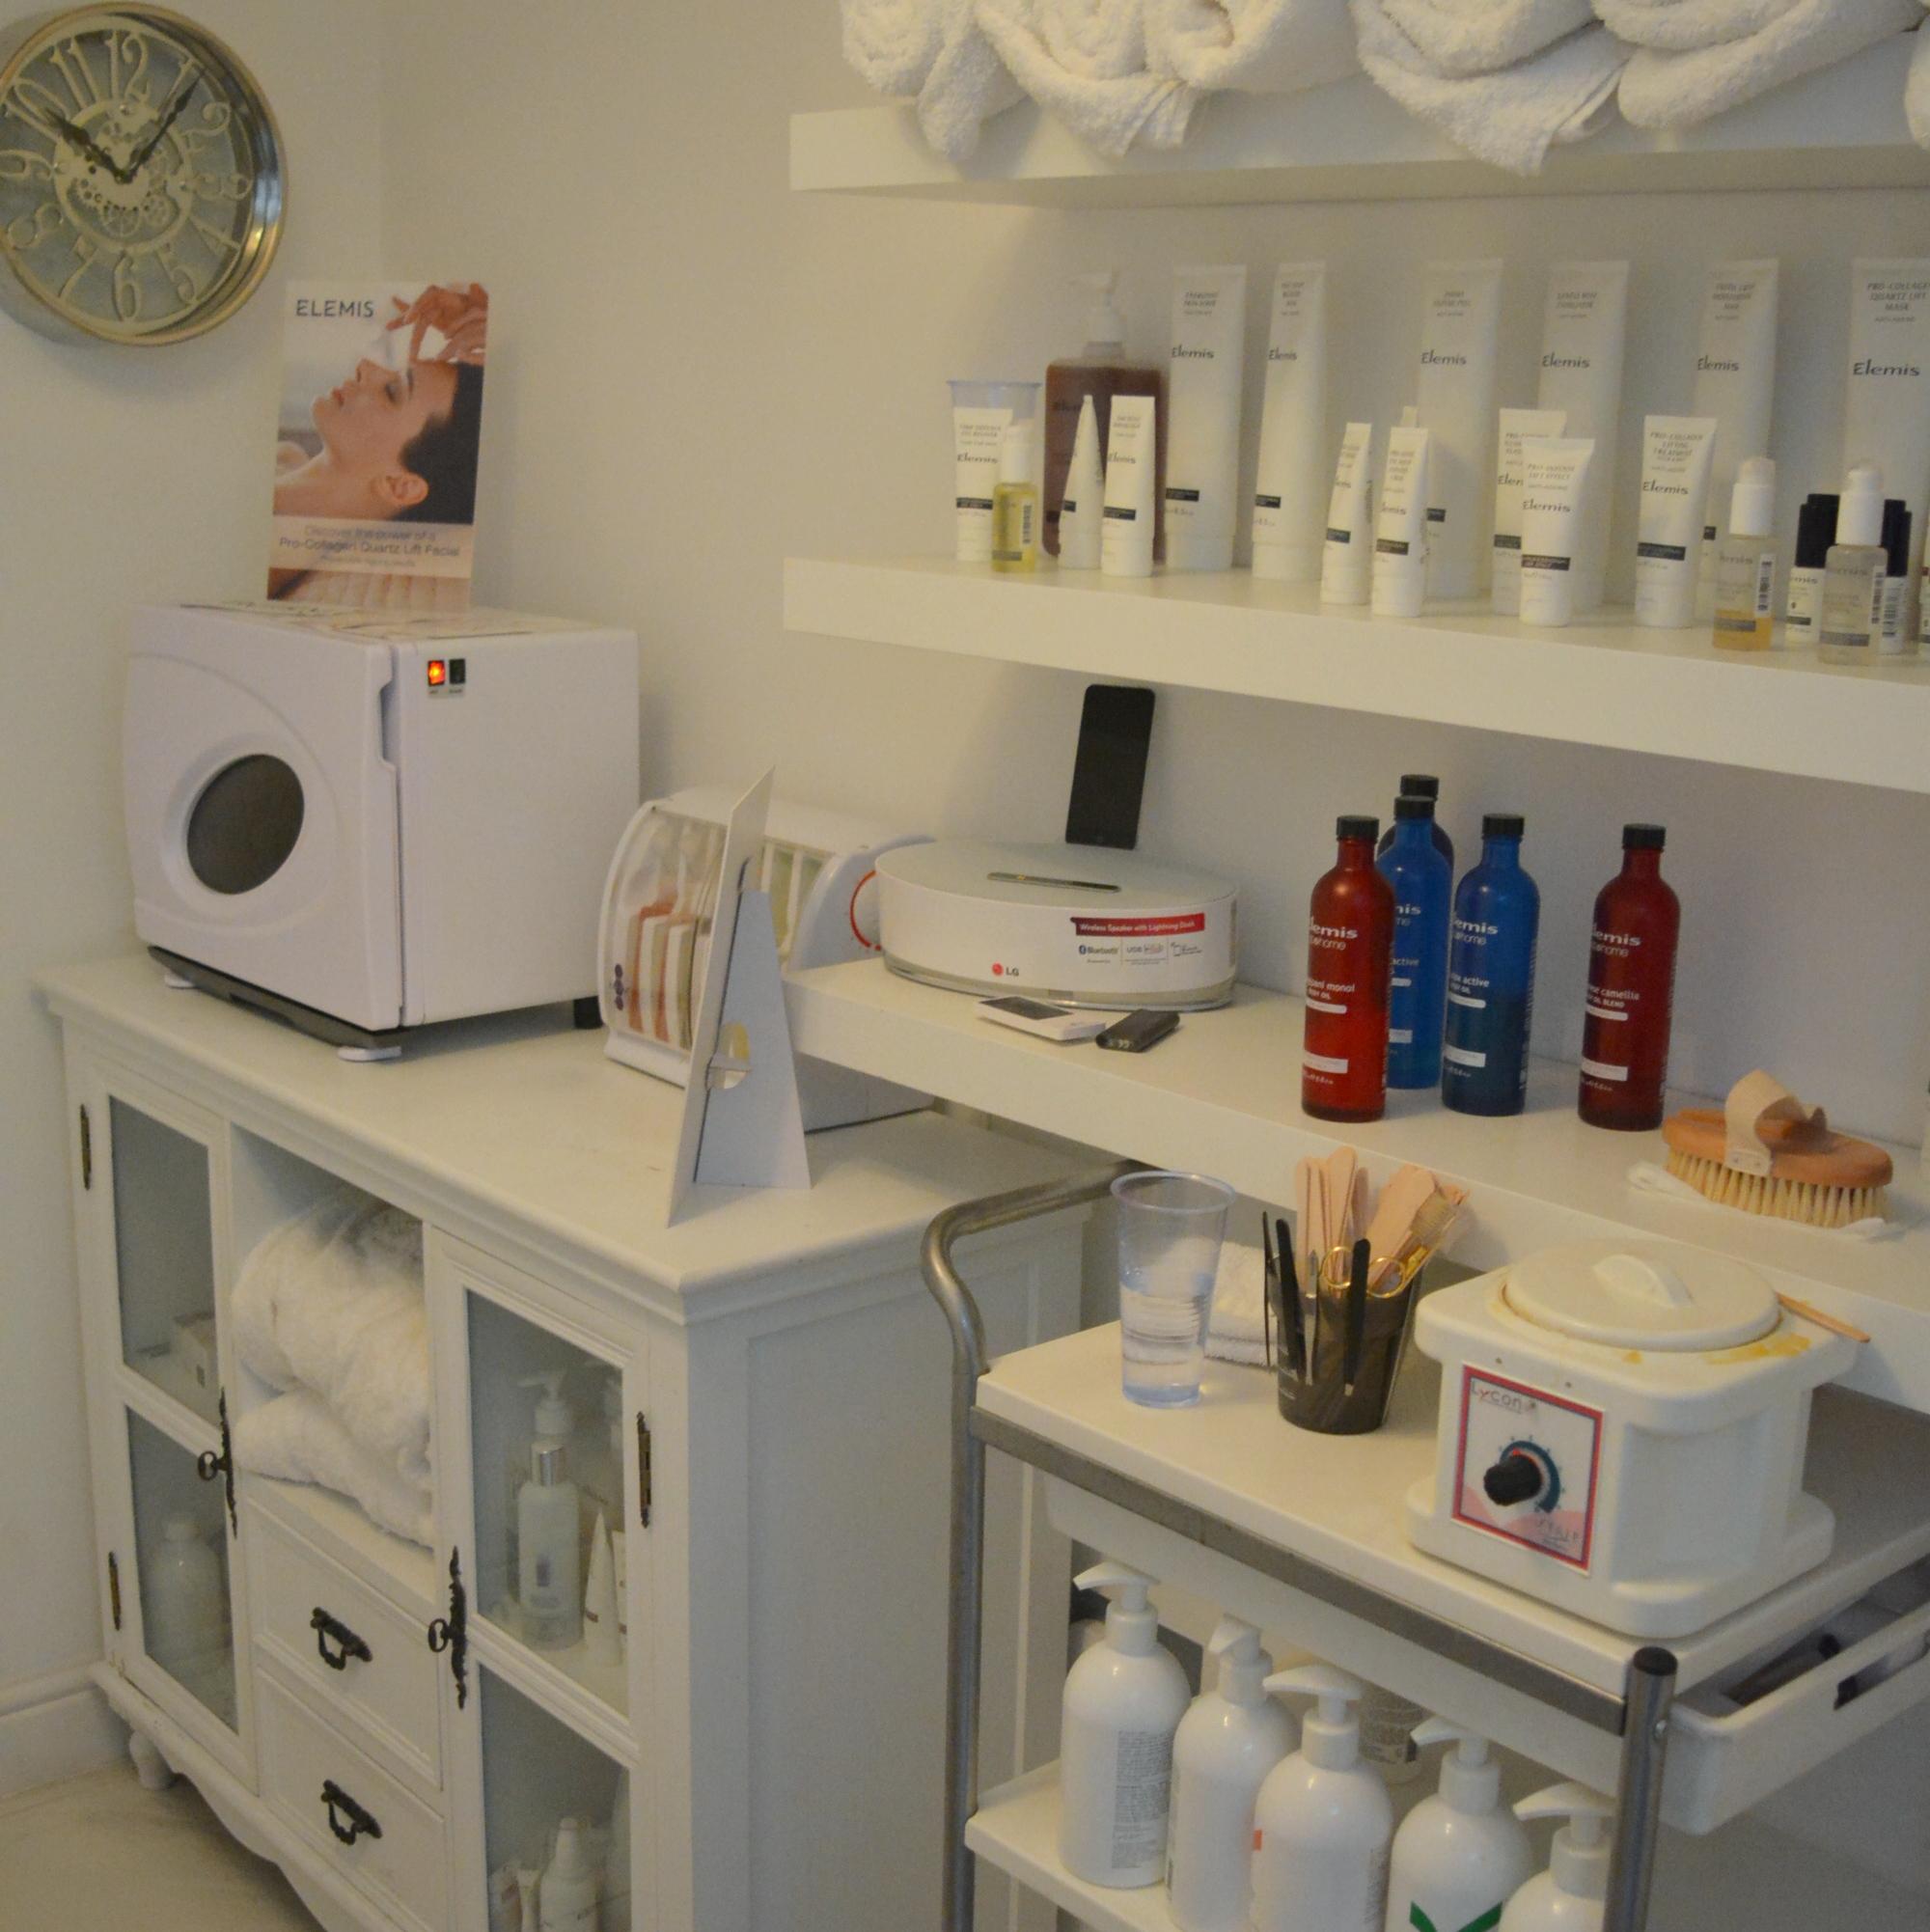 Talonted Lex Vos Beauty Salon Chelsea Review